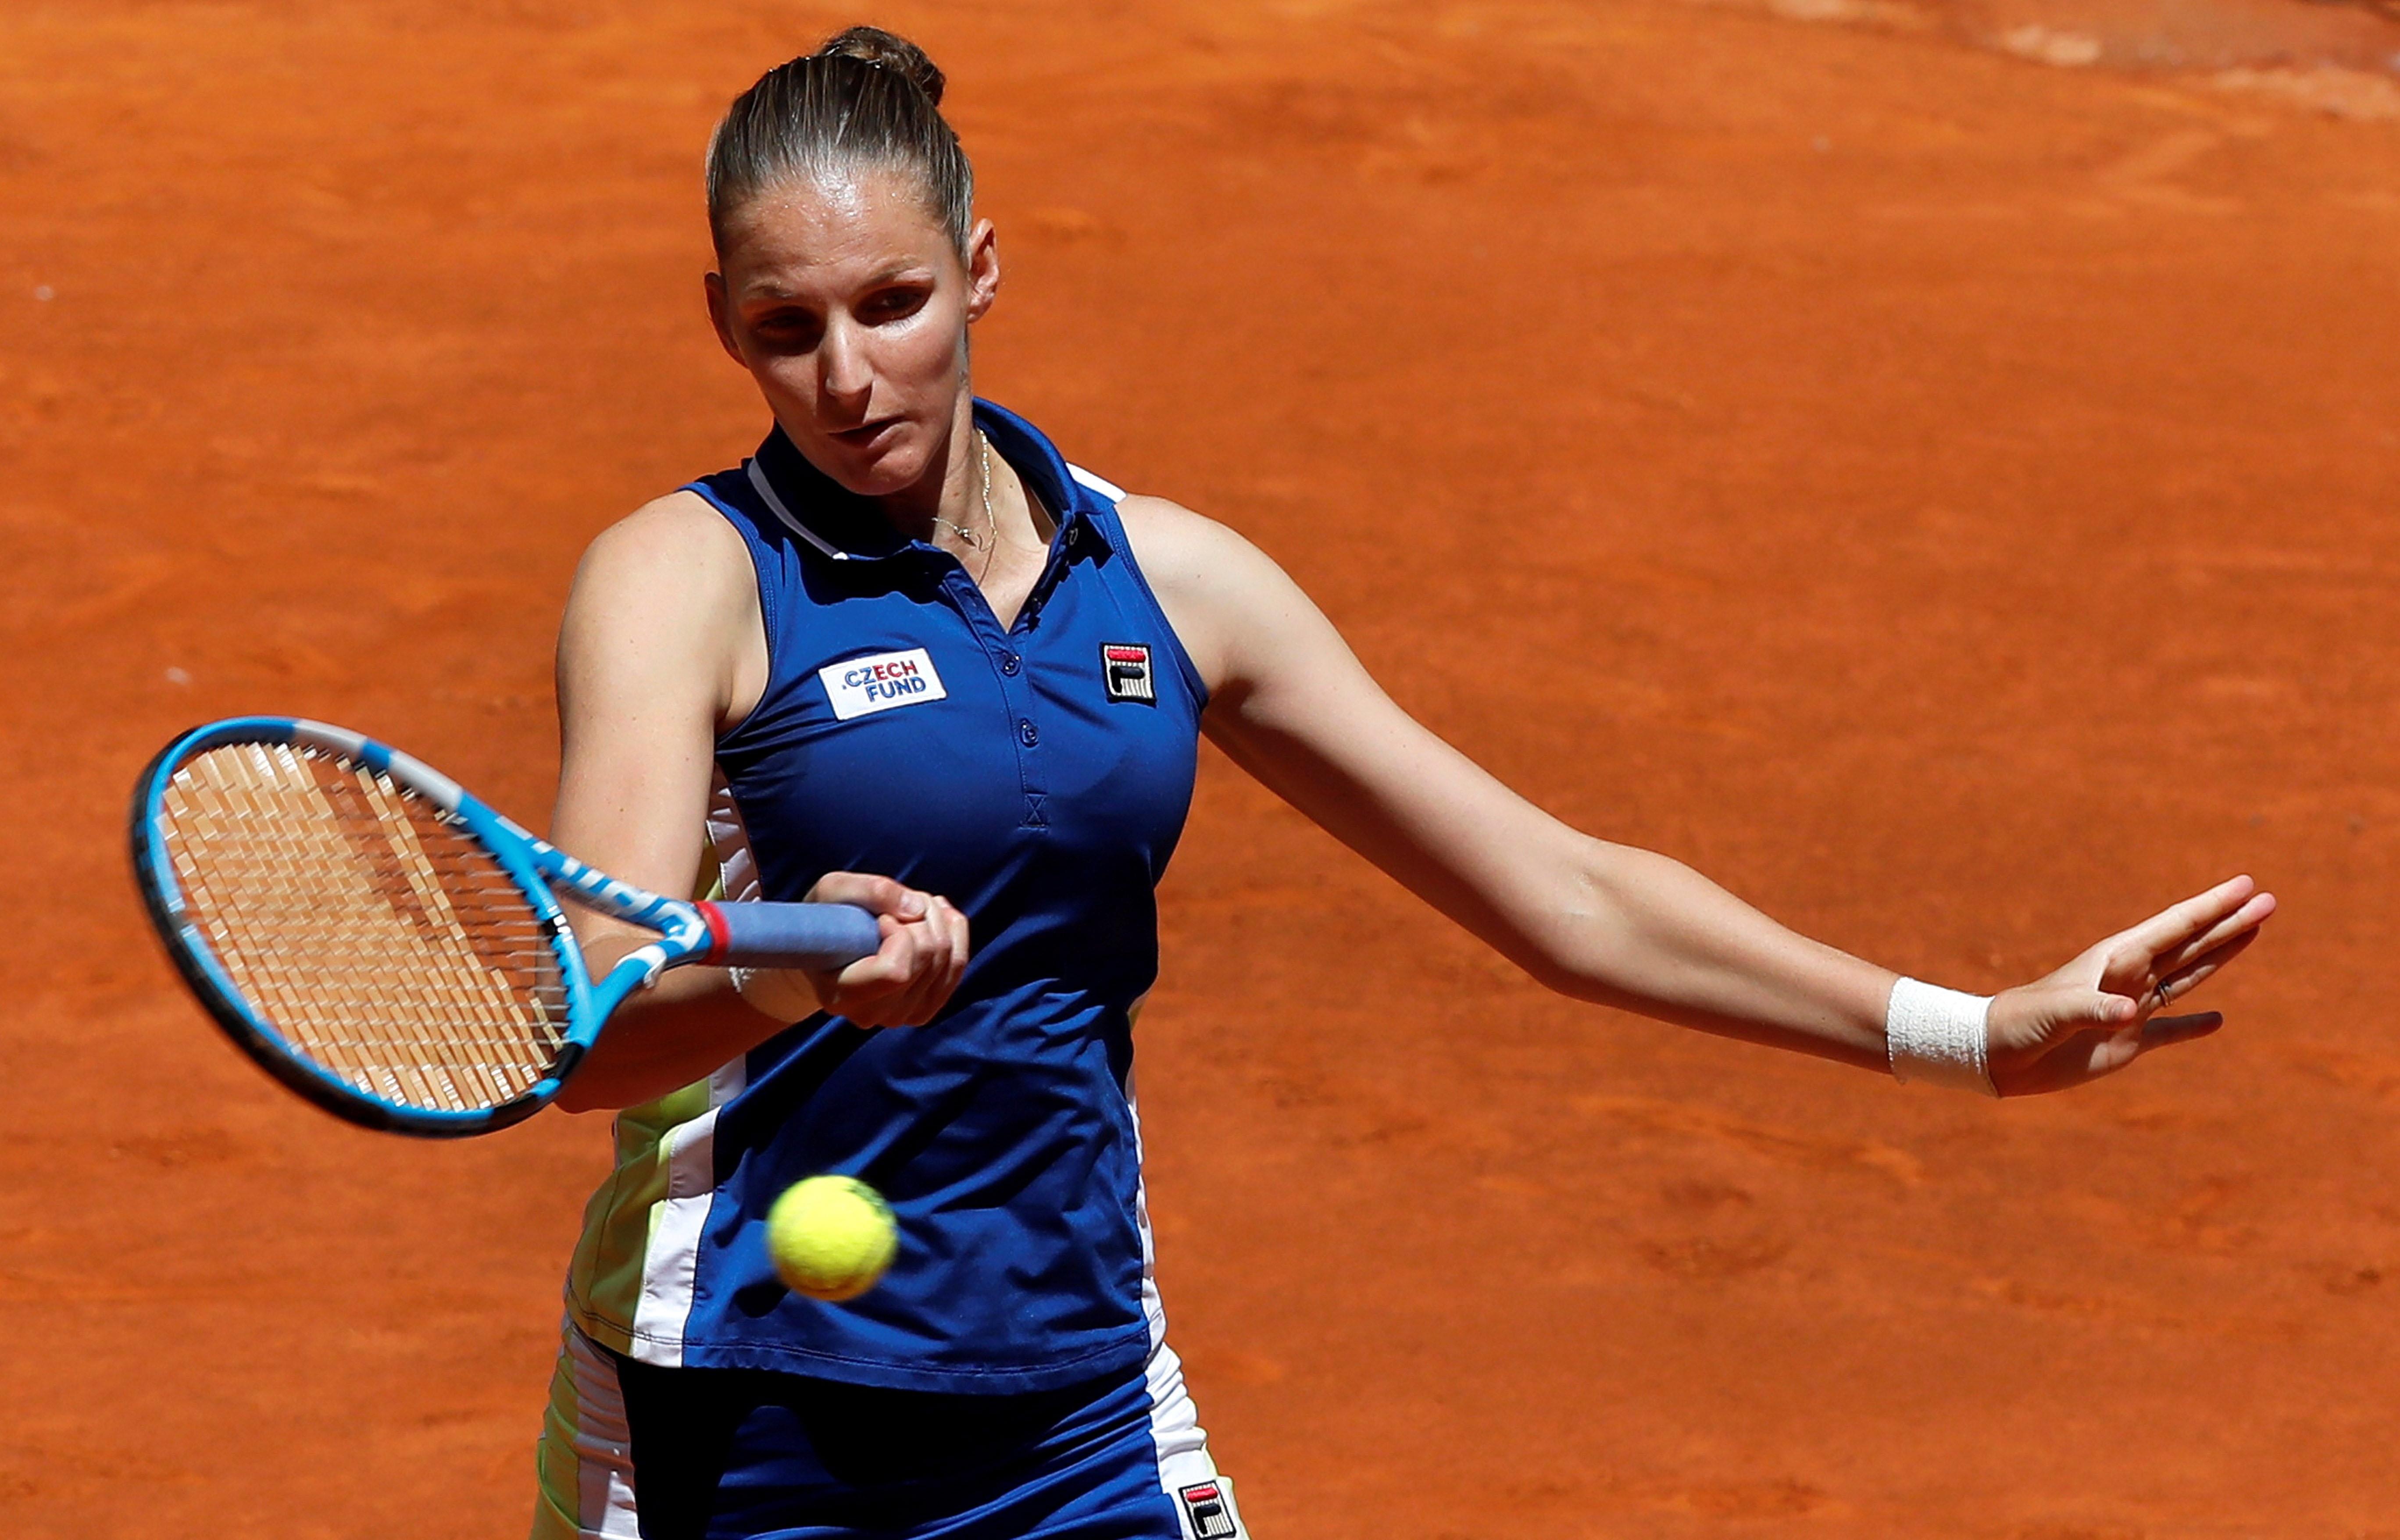 网球——马德里公开赛:卡·普利斯科娃胜亚斯特列姆斯卡